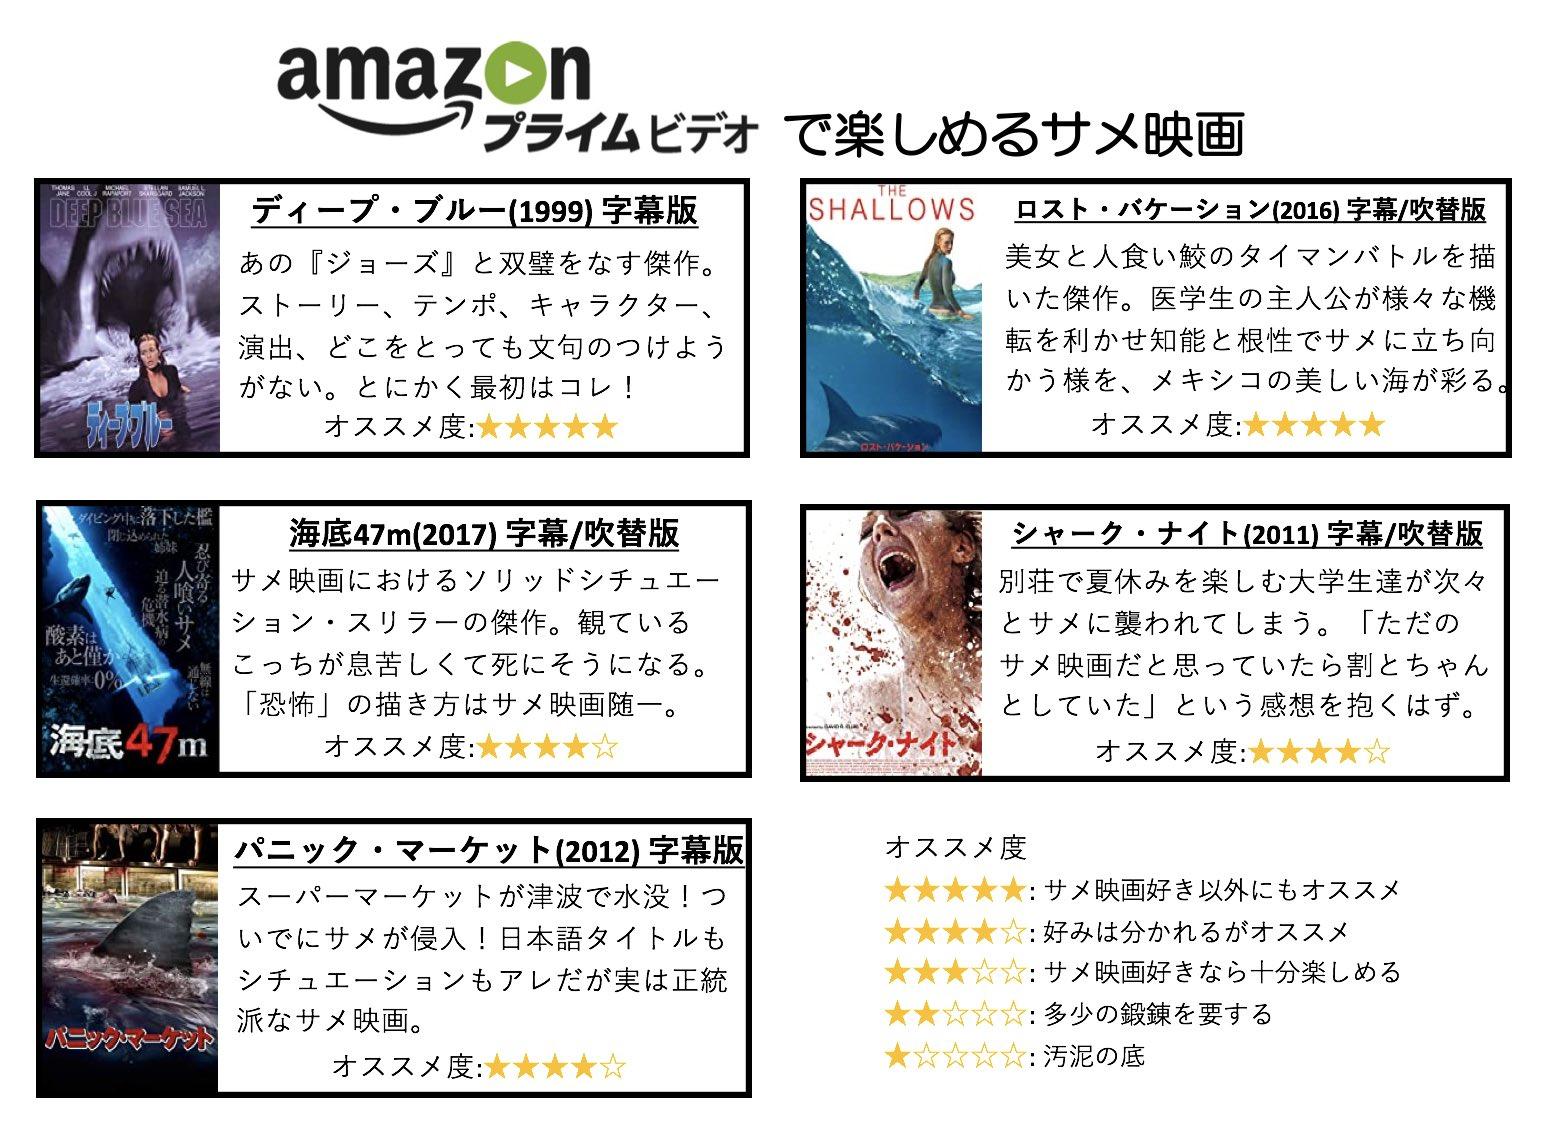 Amazonプライム・ビデオで視聴可能なお勧めサメ映画をまとめてみました。 色々と自己責任でお願いします。